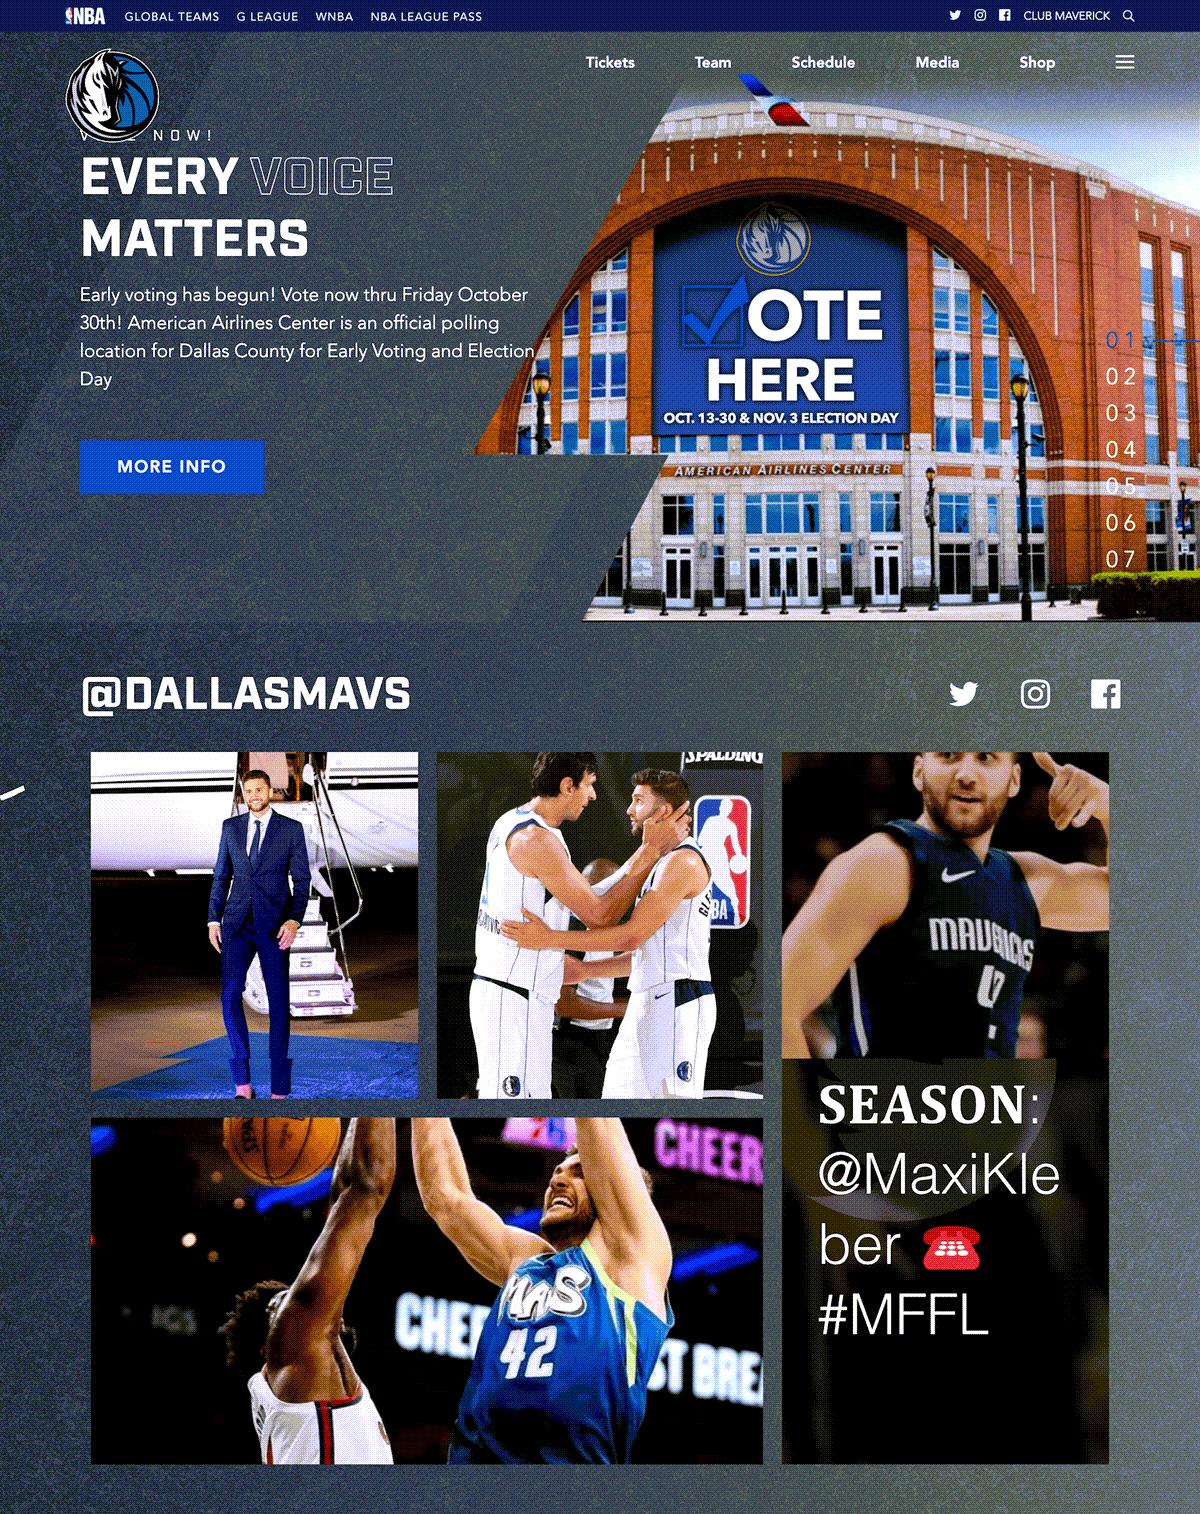 Dallas Mavs NBA Team Social Media Hub on website